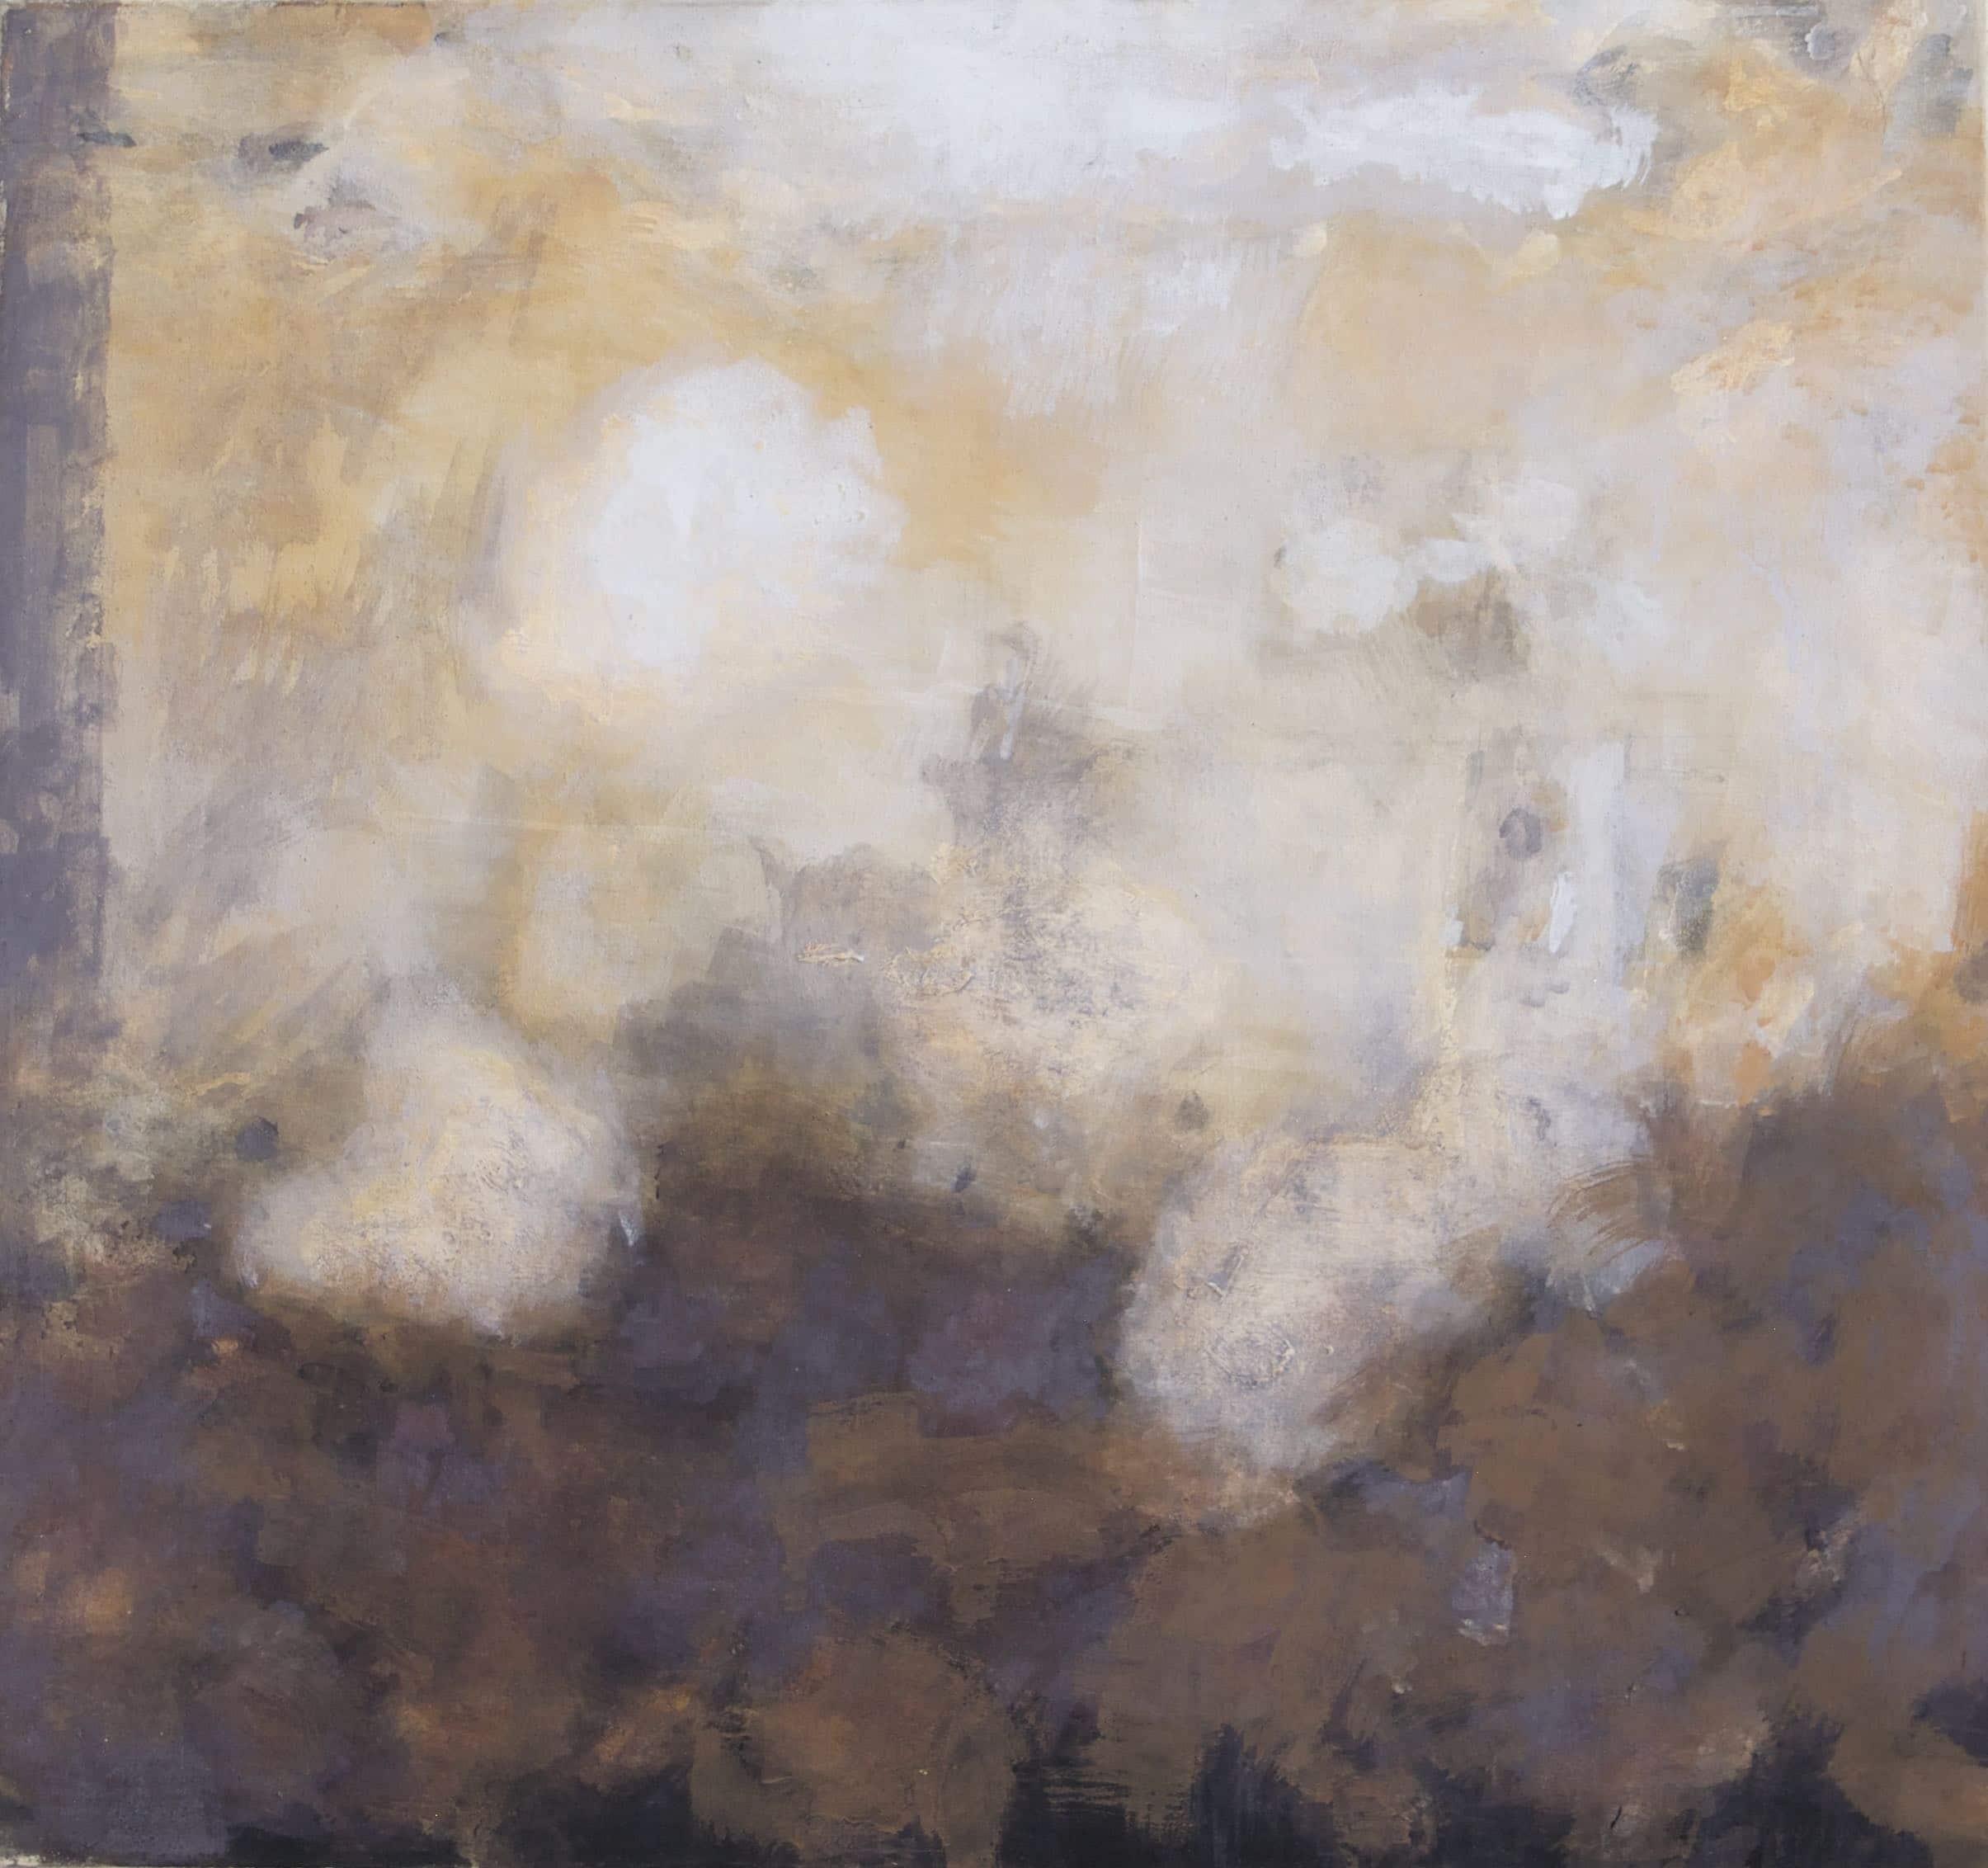 Manfred Jacob Vogt, aus der Serie Nuvola 2016, Pigmente auf Maltuch, 80 x 75 cm © Manfred Jacob Vogt